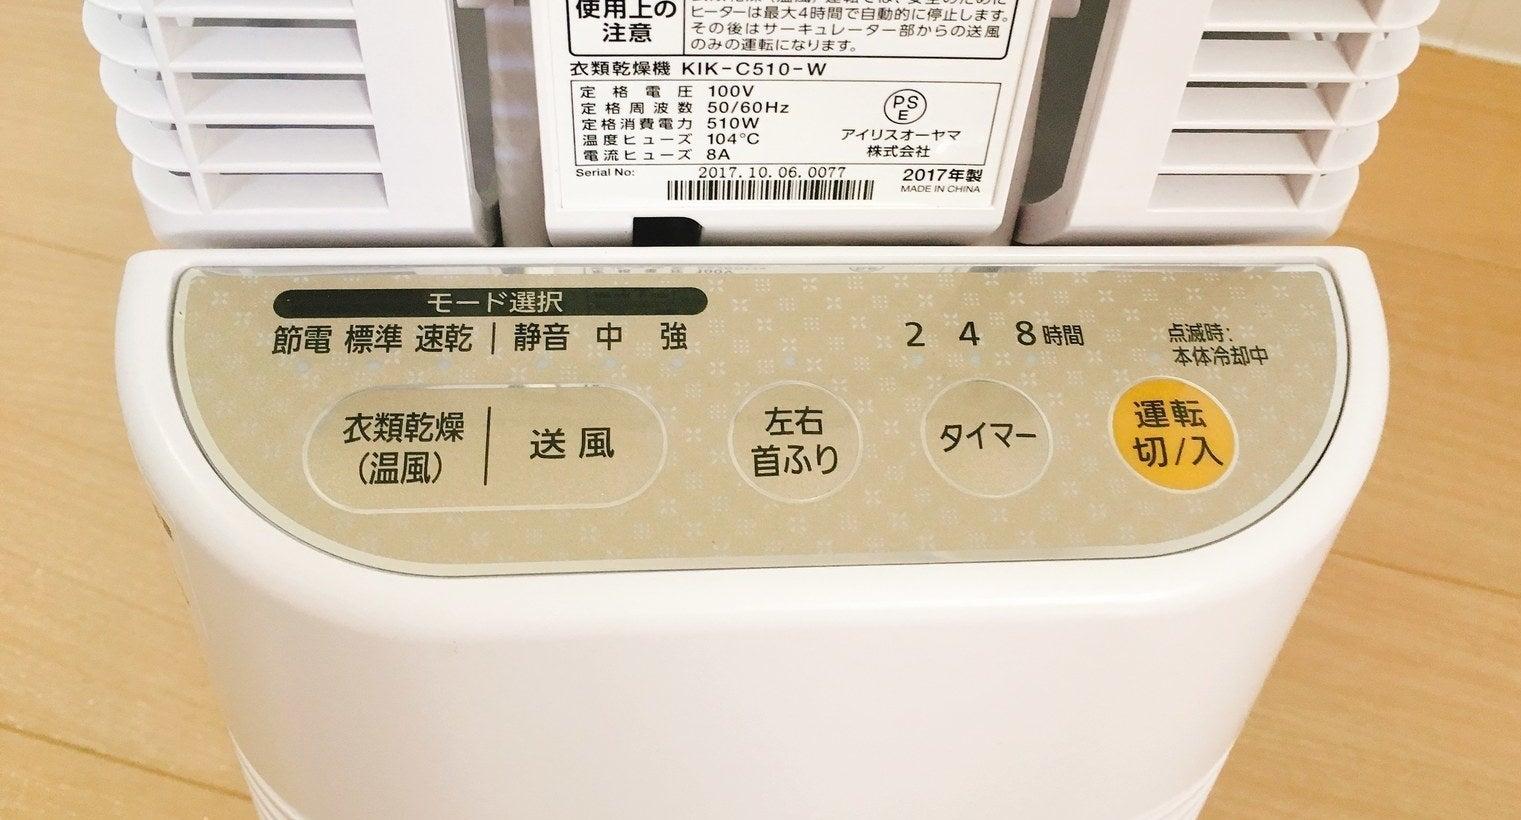 定番の衣類乾燥モードと、サーキュレーターとして使える送風モードがあり、裏側についているボタンで操作します。